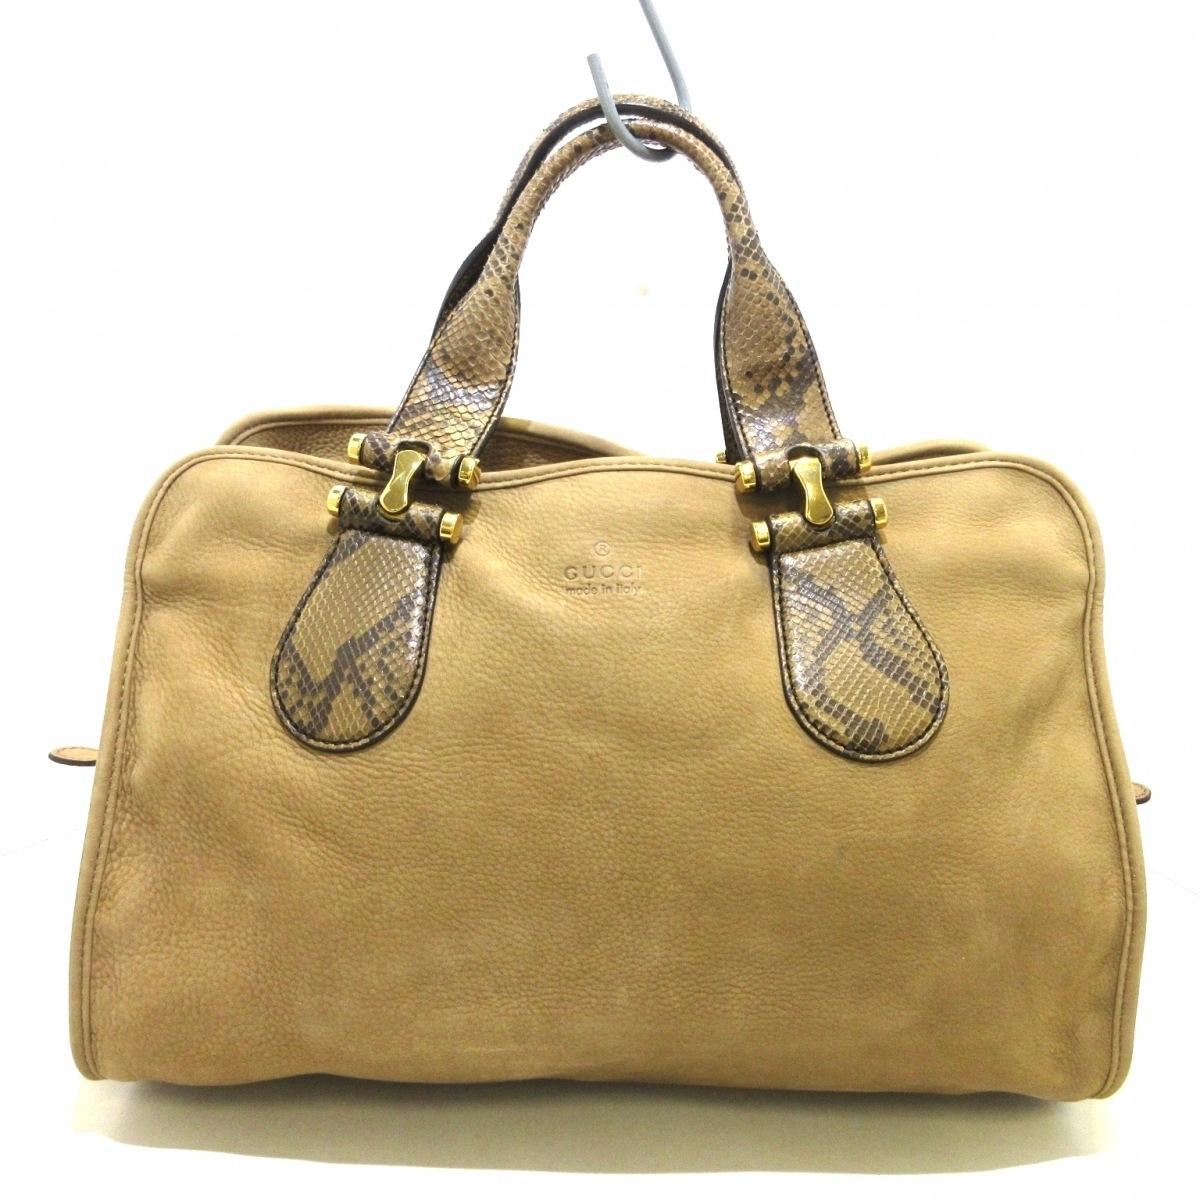 新着 新品 中古 GUCCI セール商品 グッチ ベージュ×ブラウン スエード×パイソン ハンドバッグ